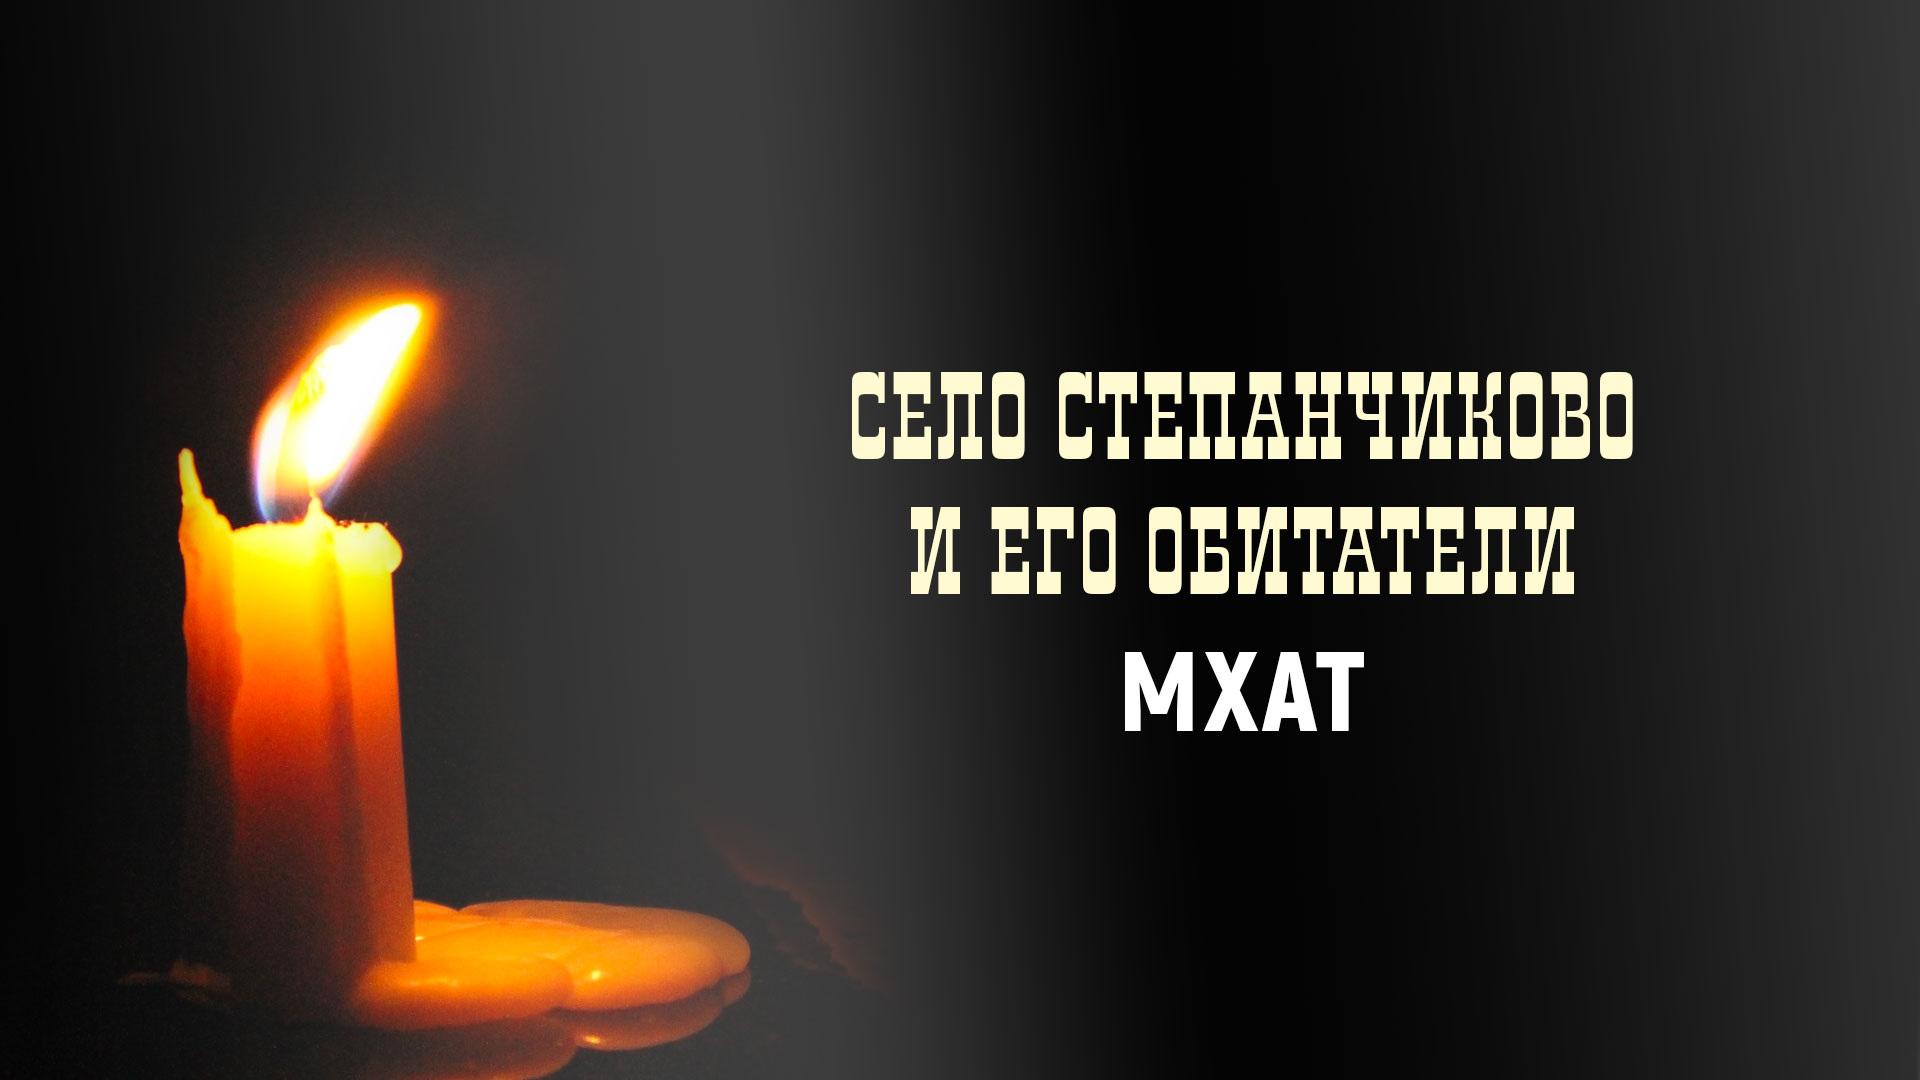 Село Степанчиково и его обитатели (МХАТ)